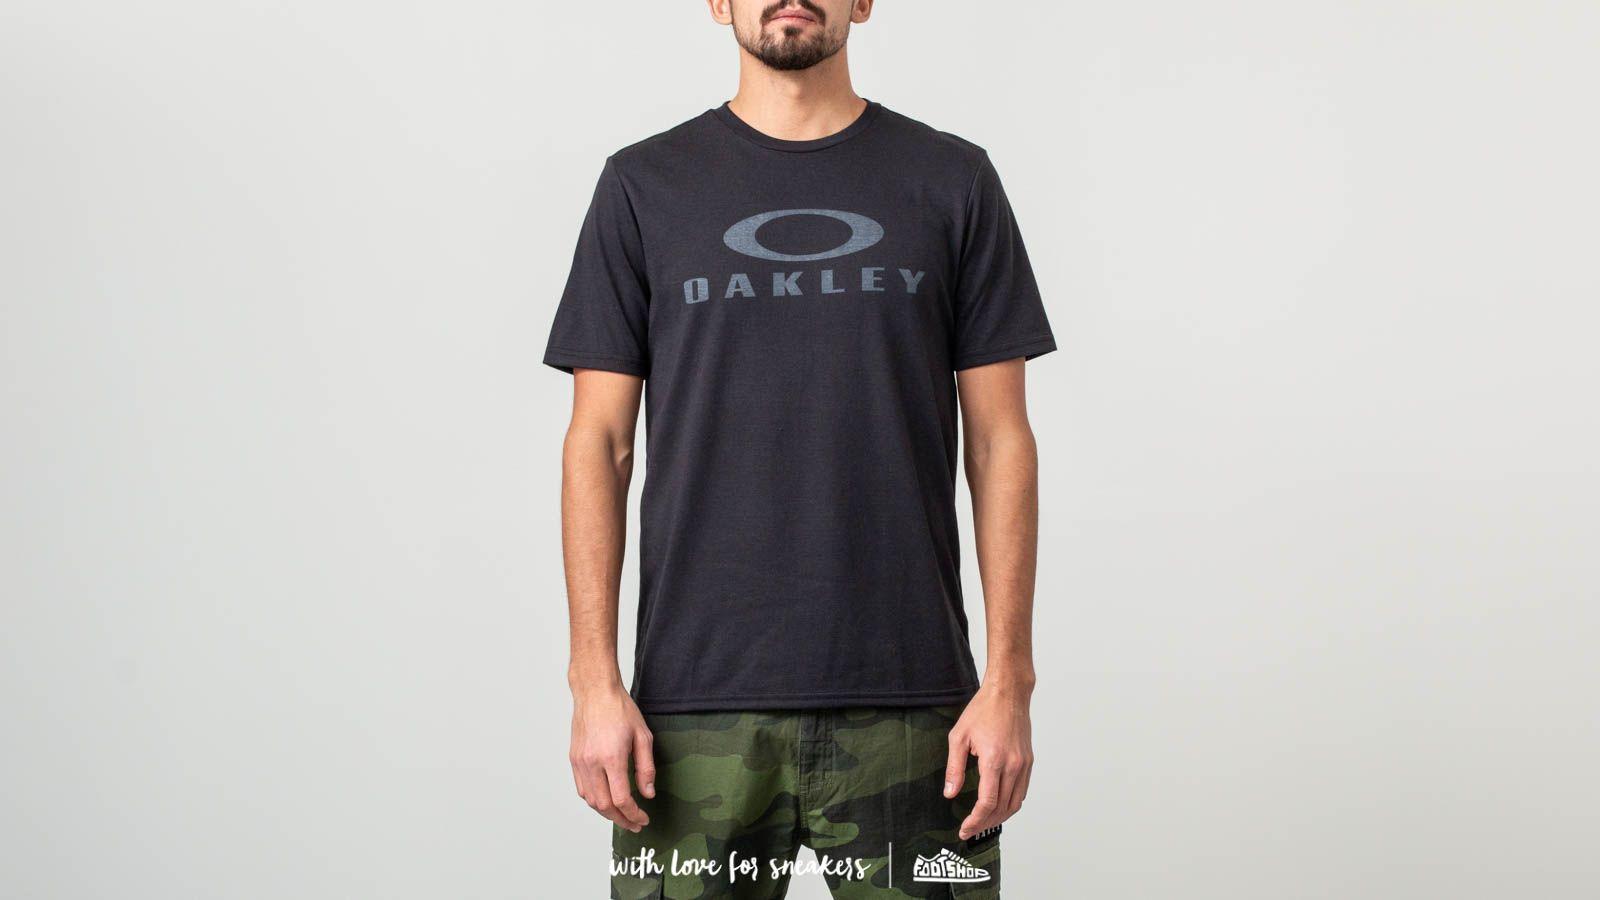 Oakley O Bark Tee Black za skvělou cenu 470 Kč koupíte na Footshop.cz